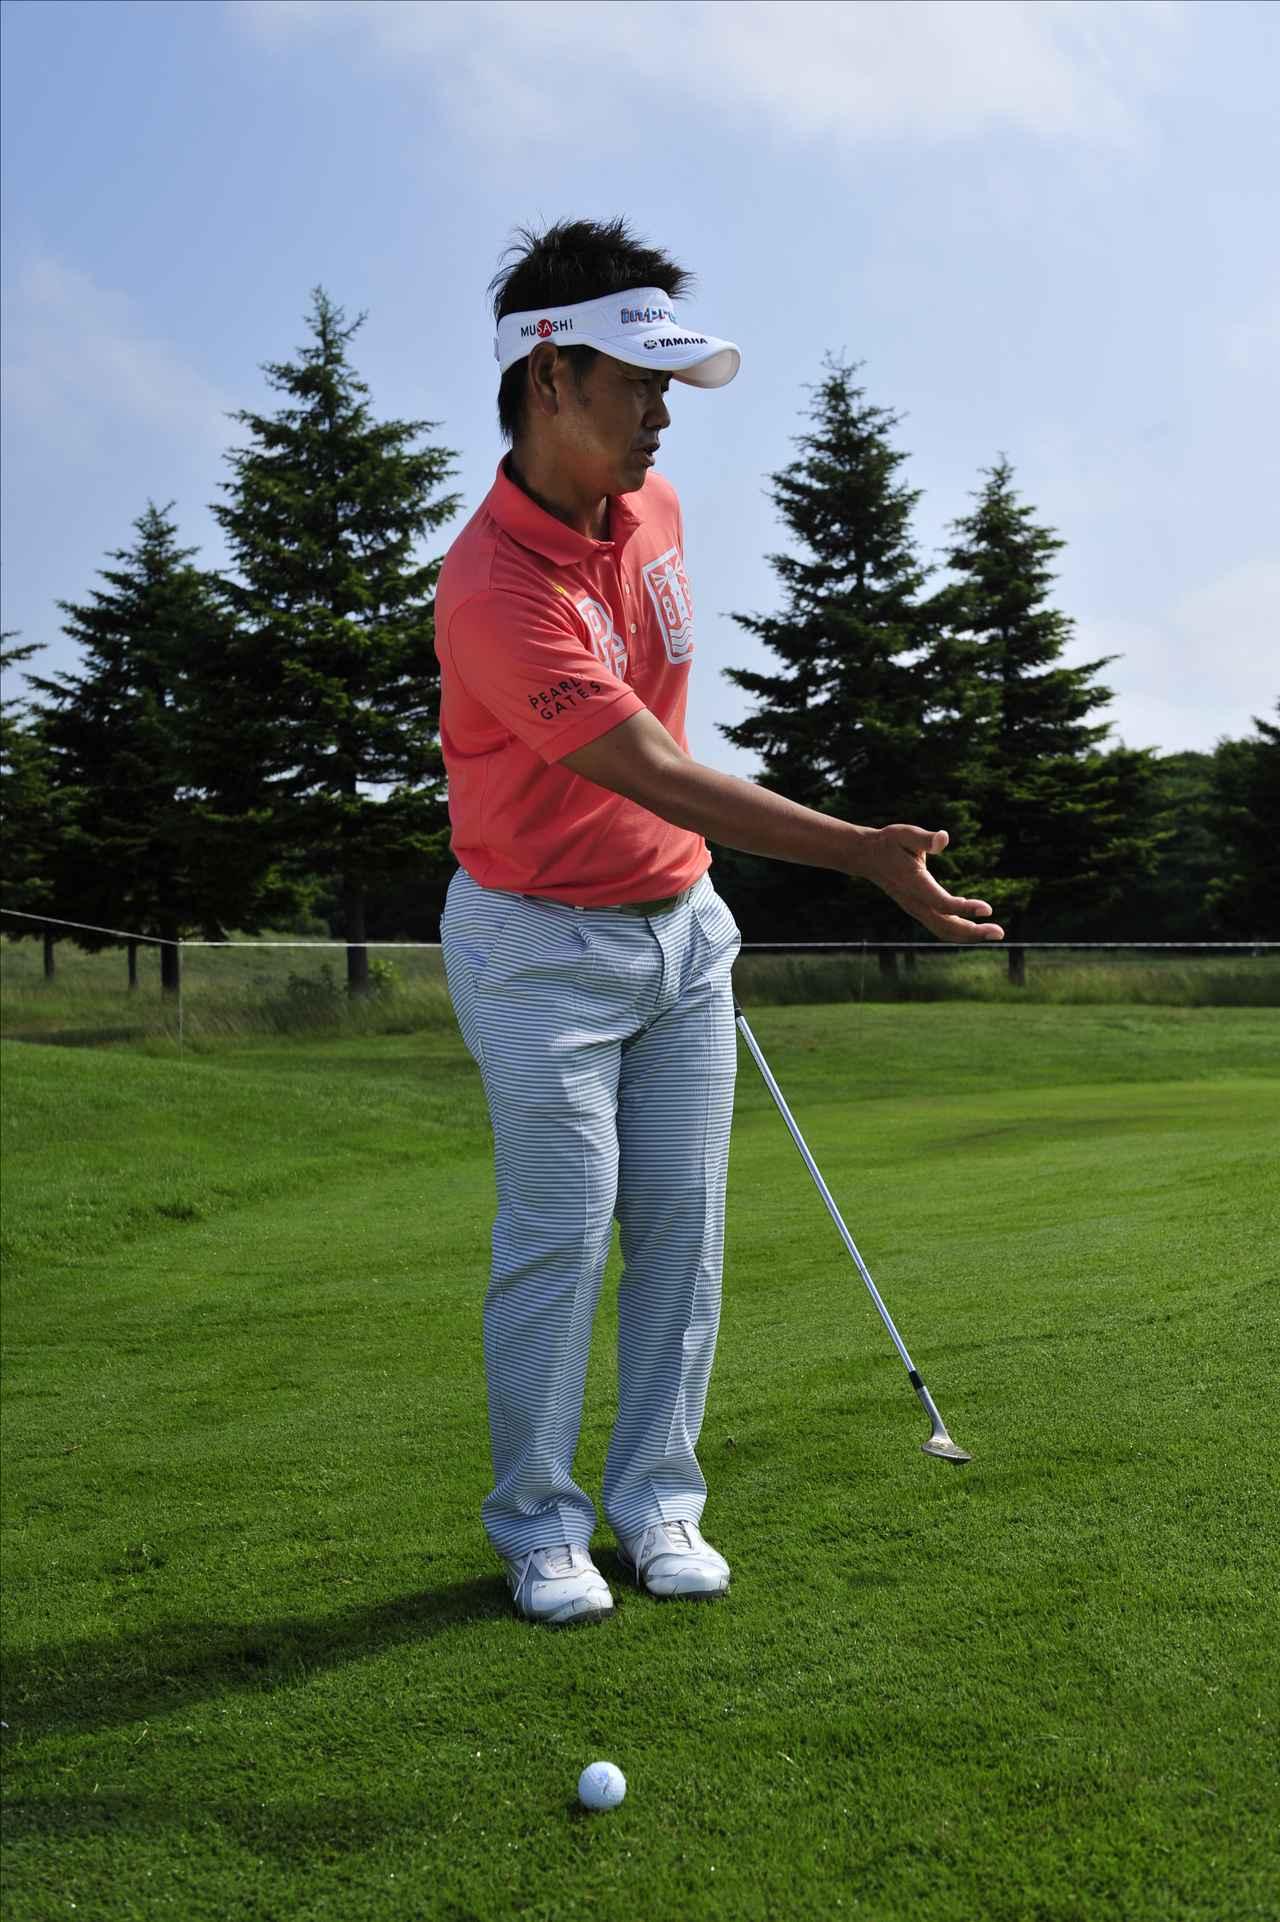 画像2: 「右手で投げるようにして、寄せるイメージを出します」(藤田プロ)